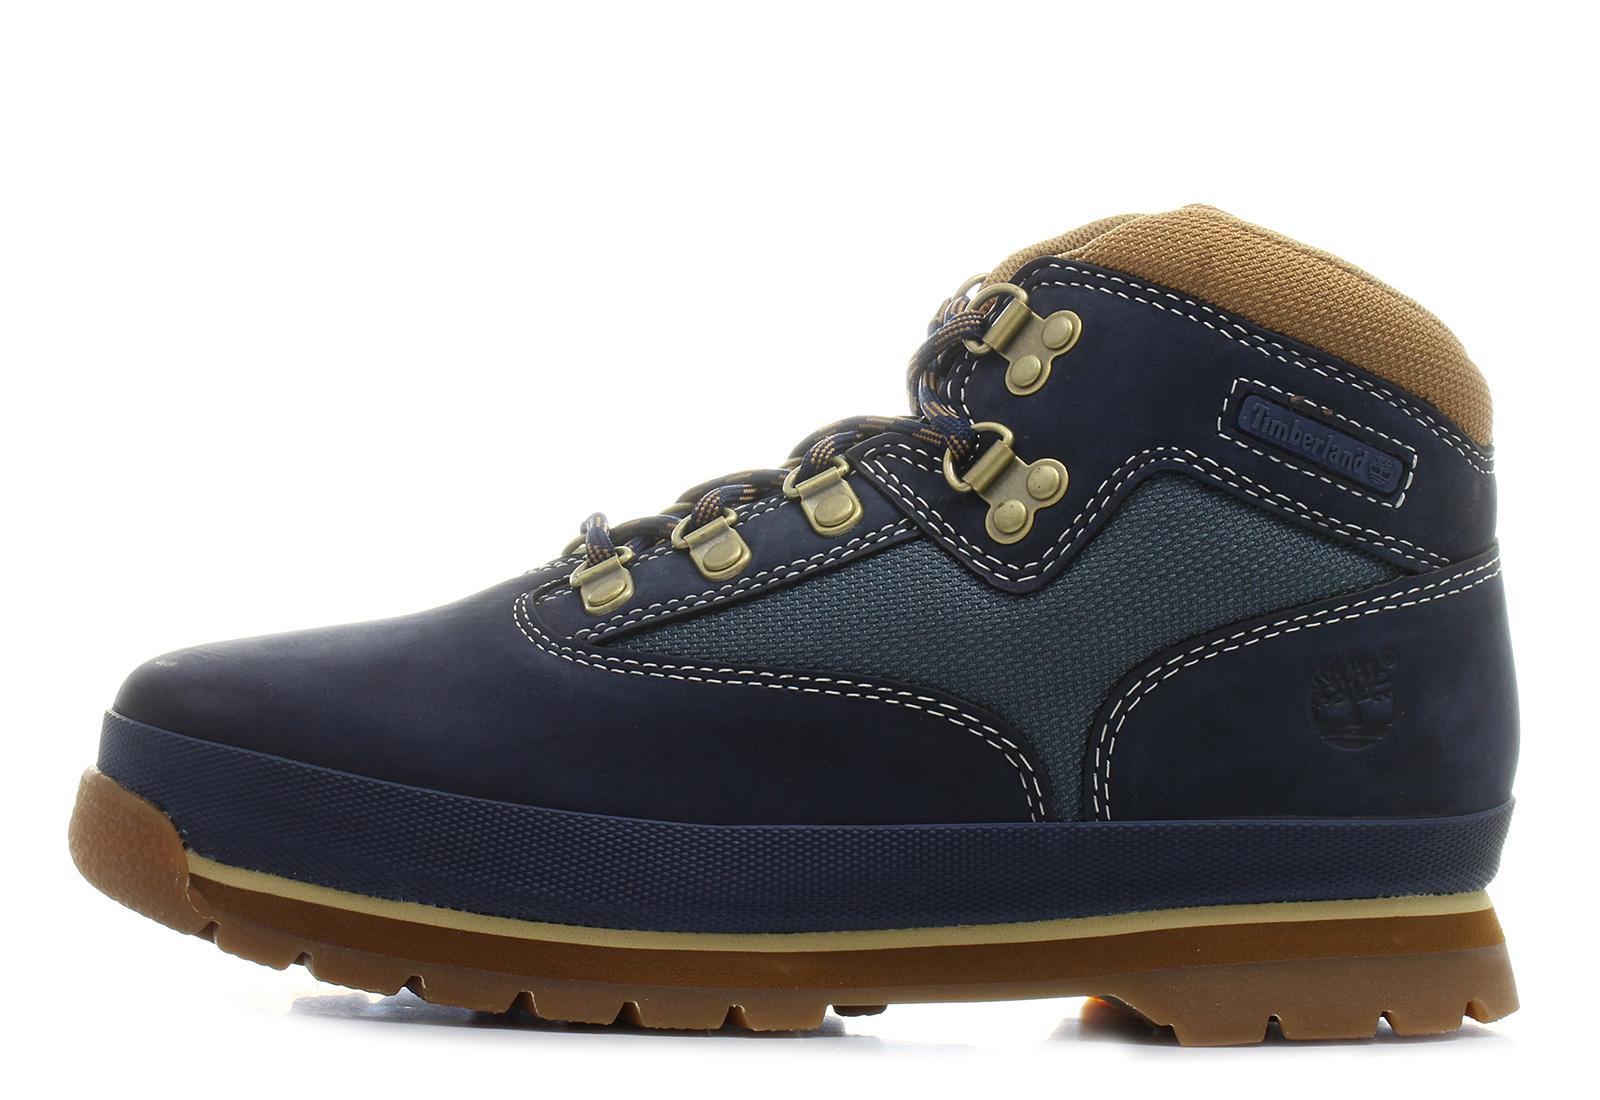 Timberland Boots Euro Hiker A12w3 Blu Online Shop